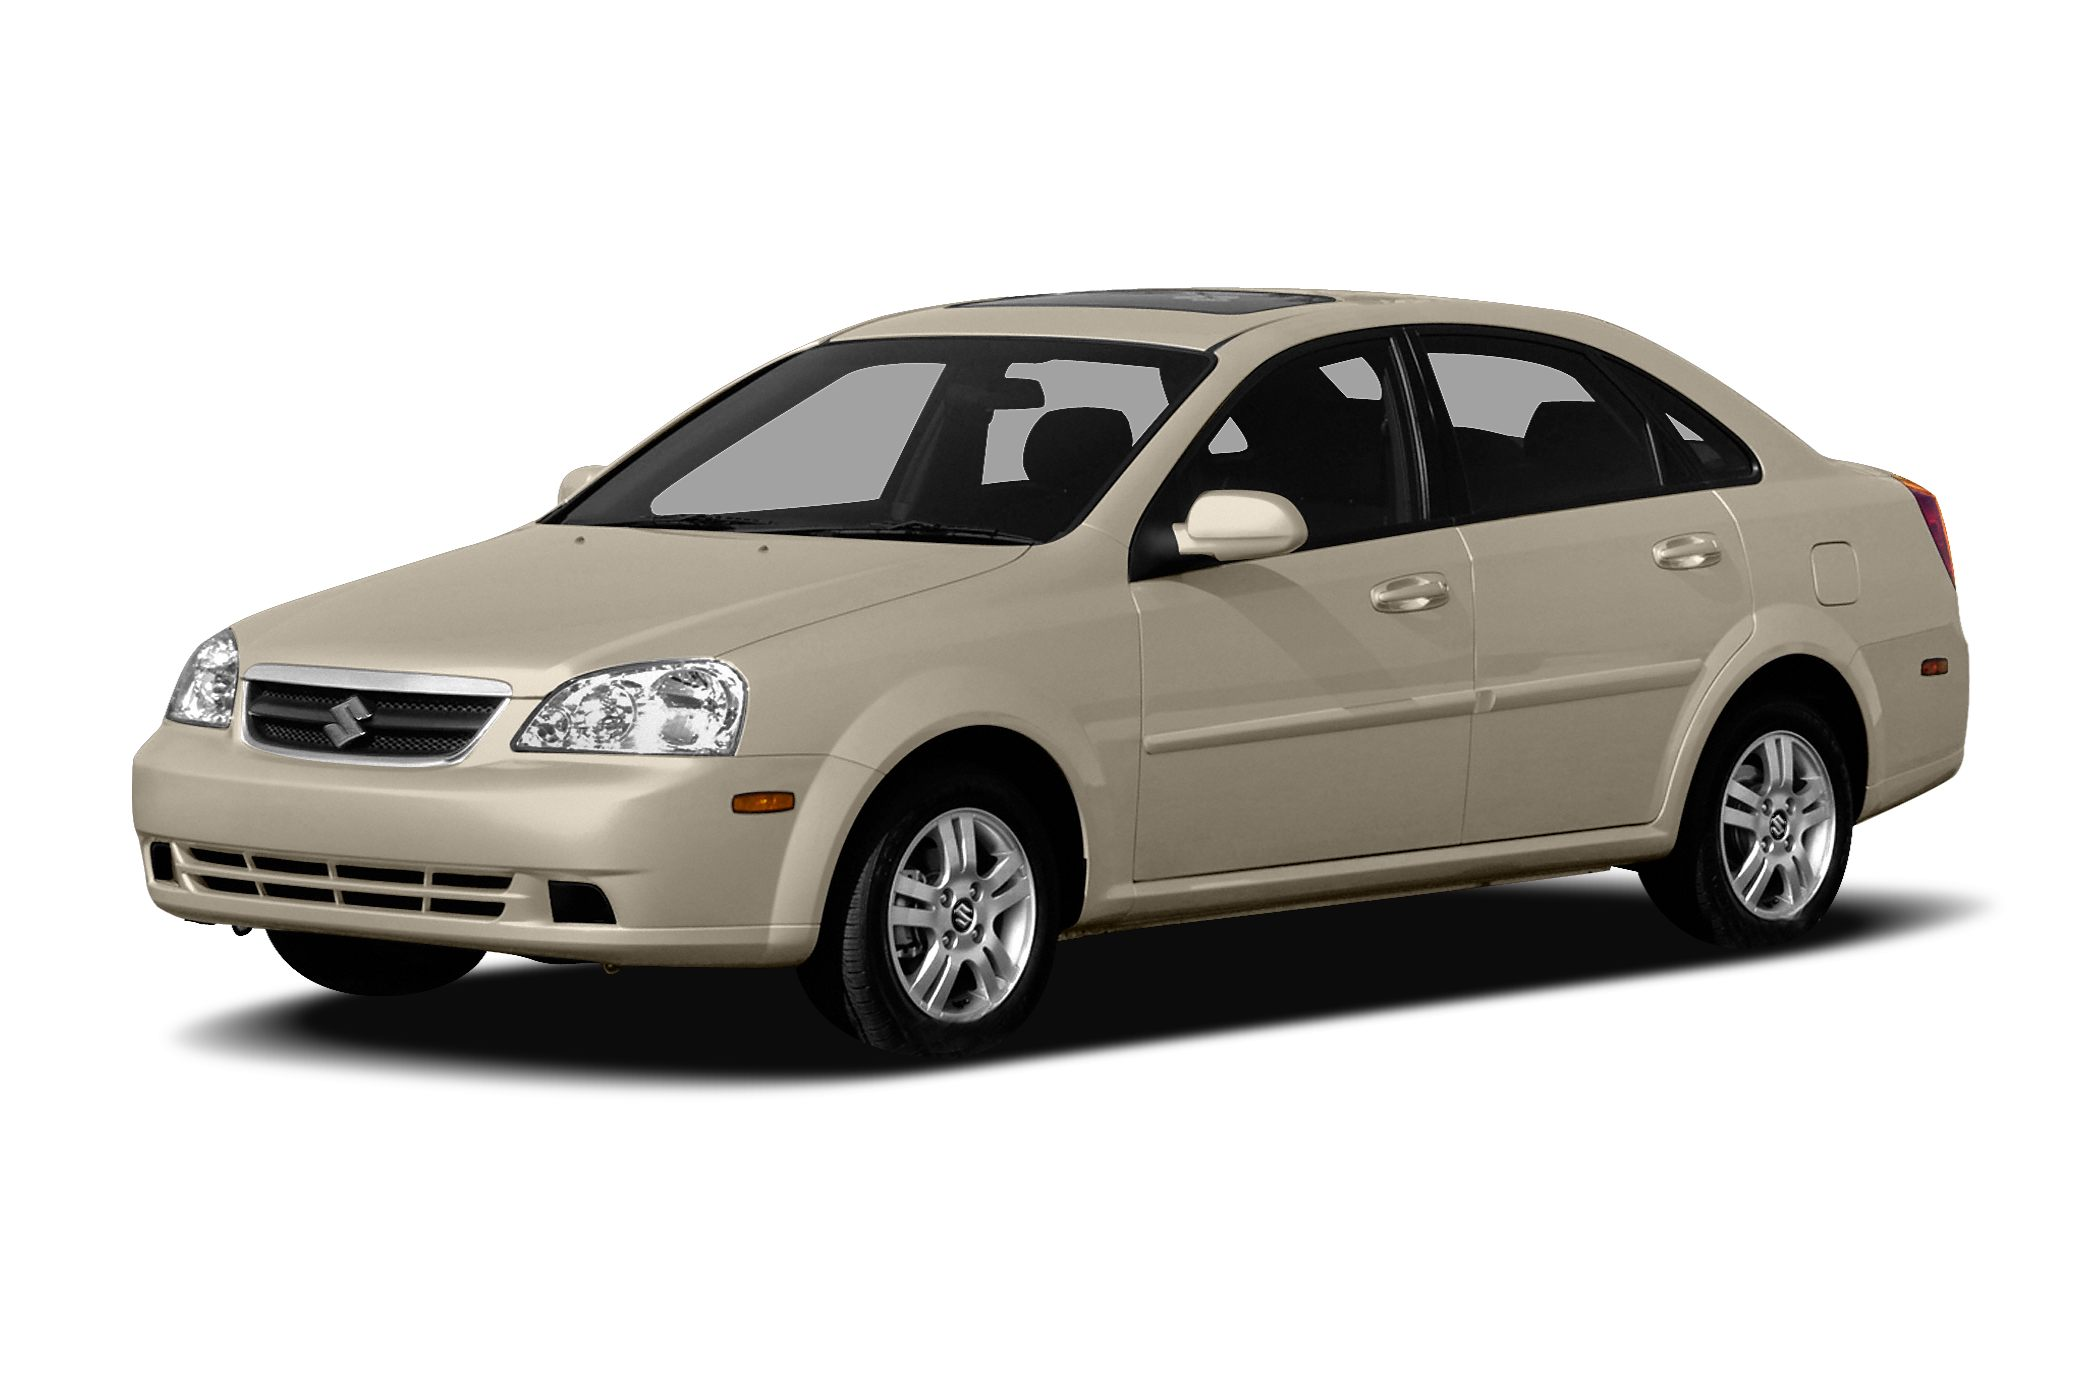 Suzuki Dealer Okc >> 2007 Suzuki Forenza Base 4dr Sedan Specs And Prices